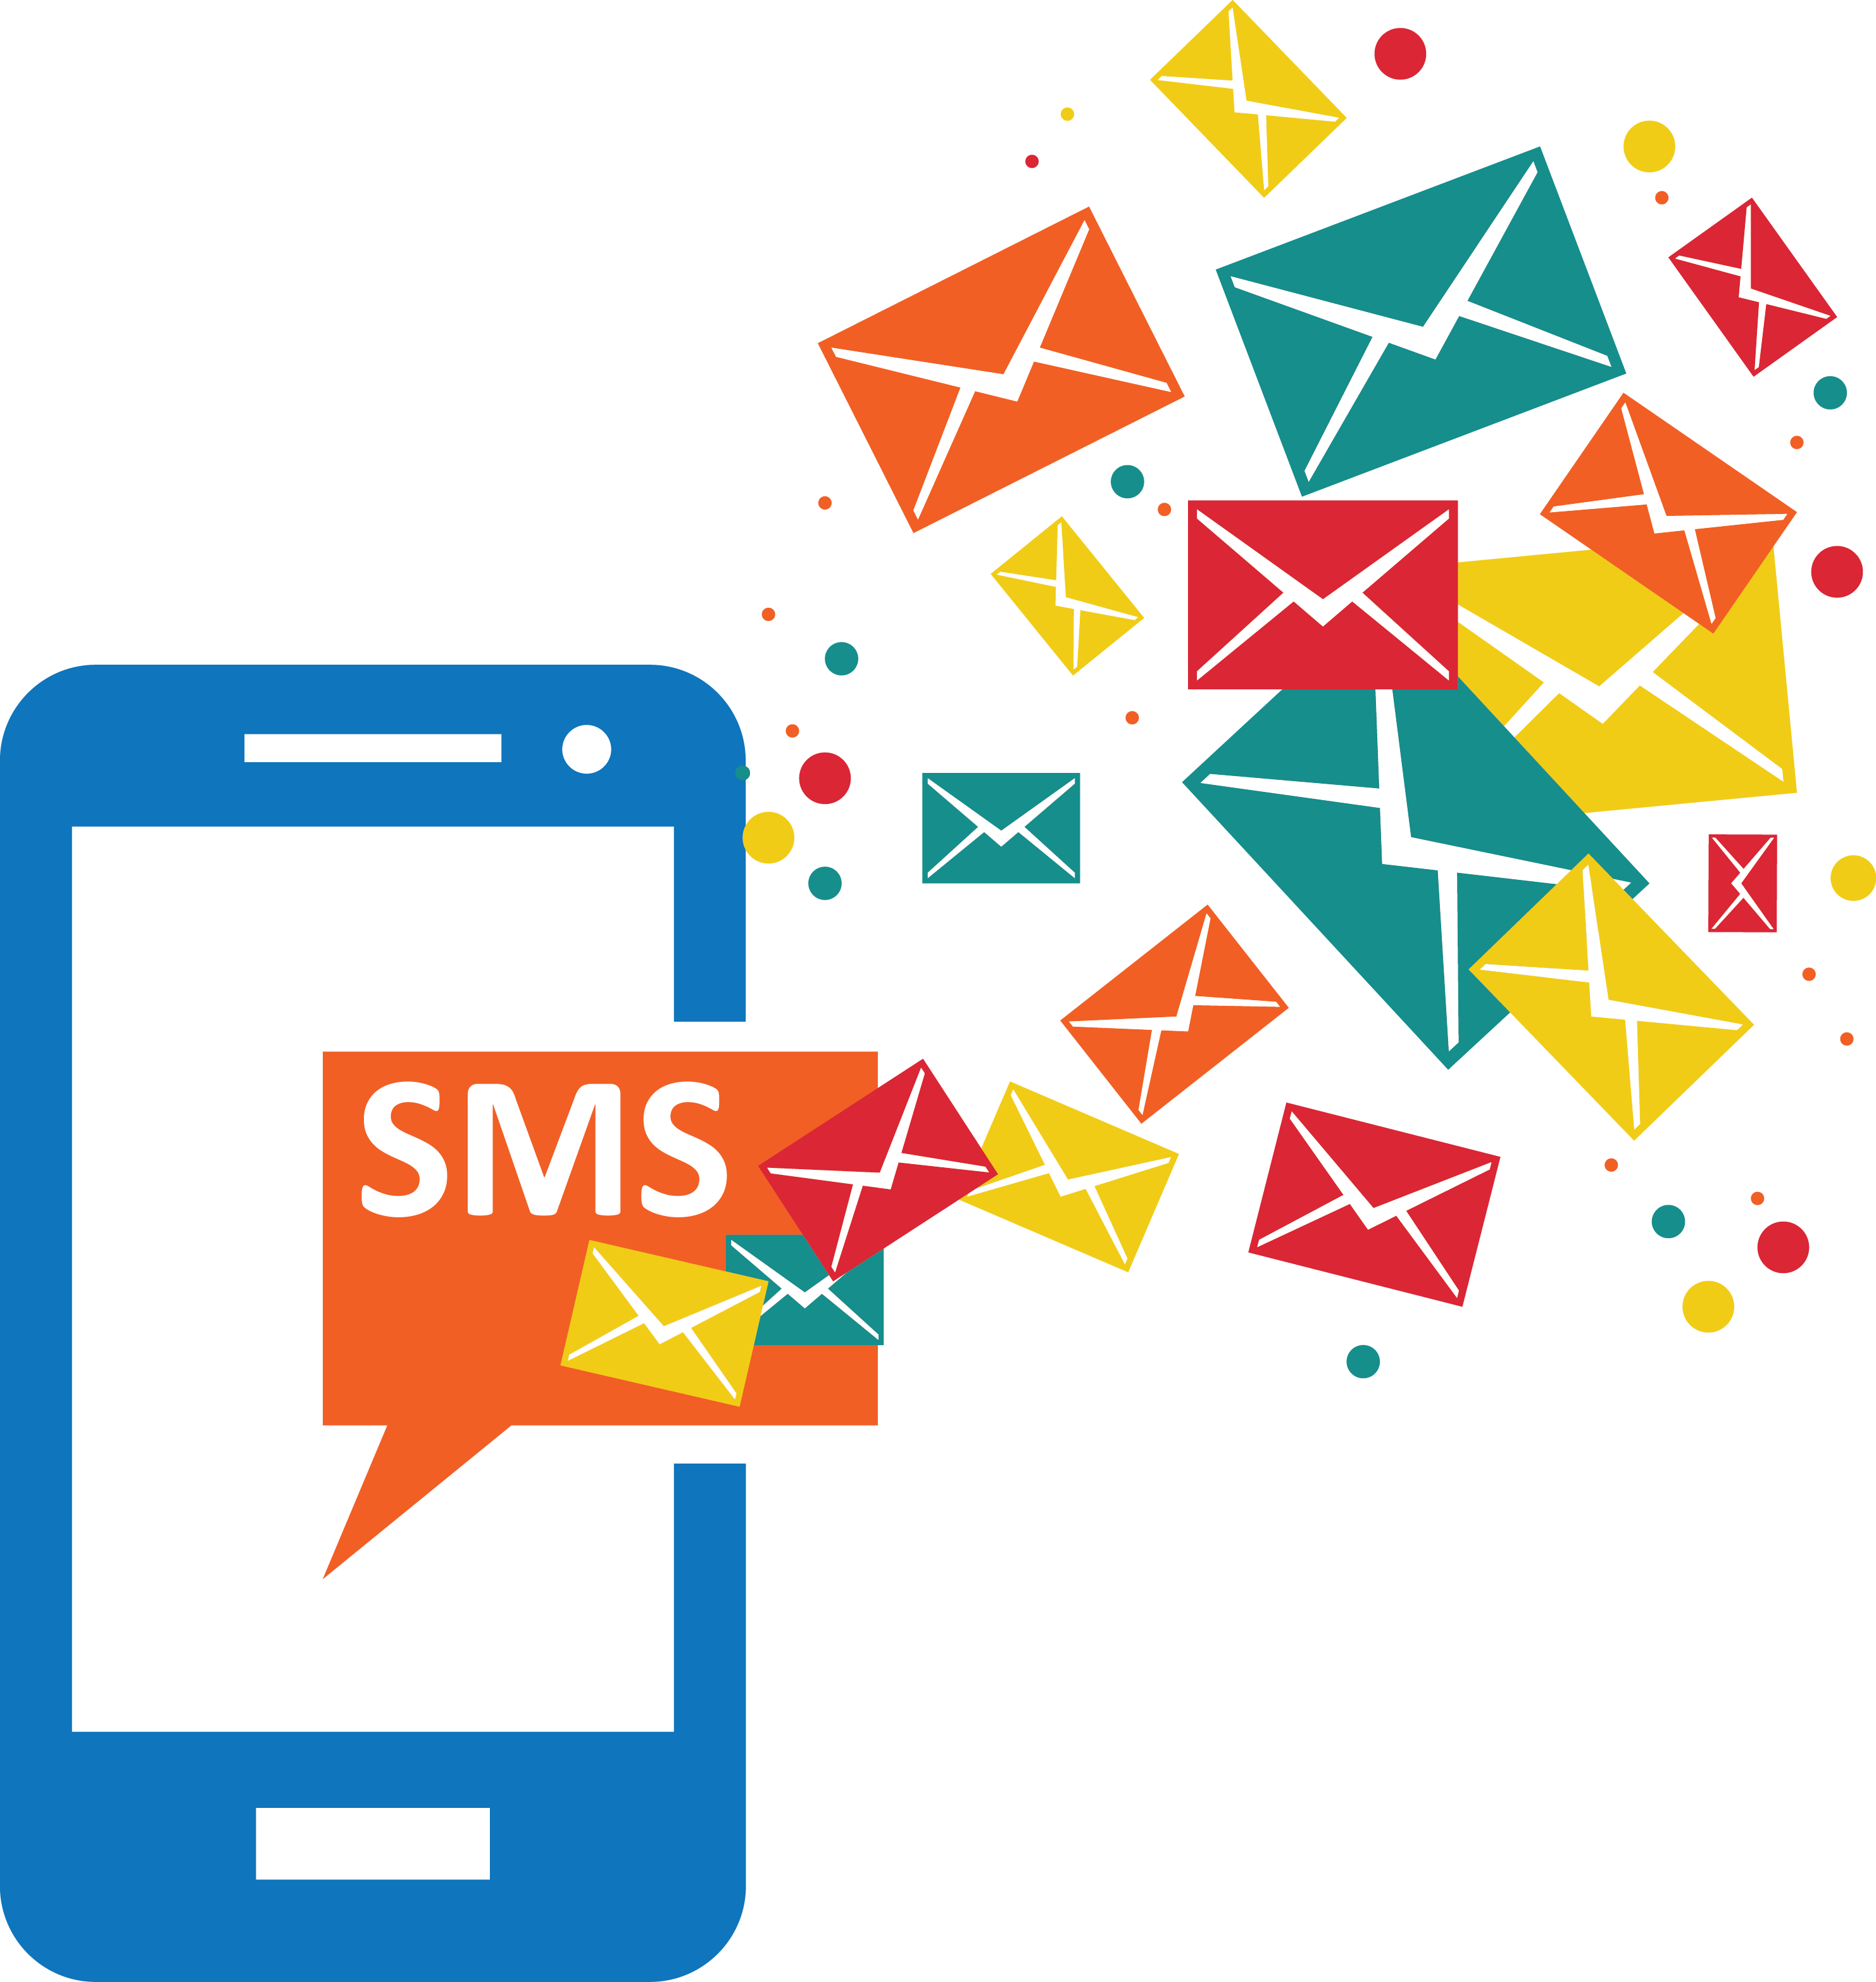 Hướng dẫn khách hàng mua card bằng SMS đơn giản và dễ dàng